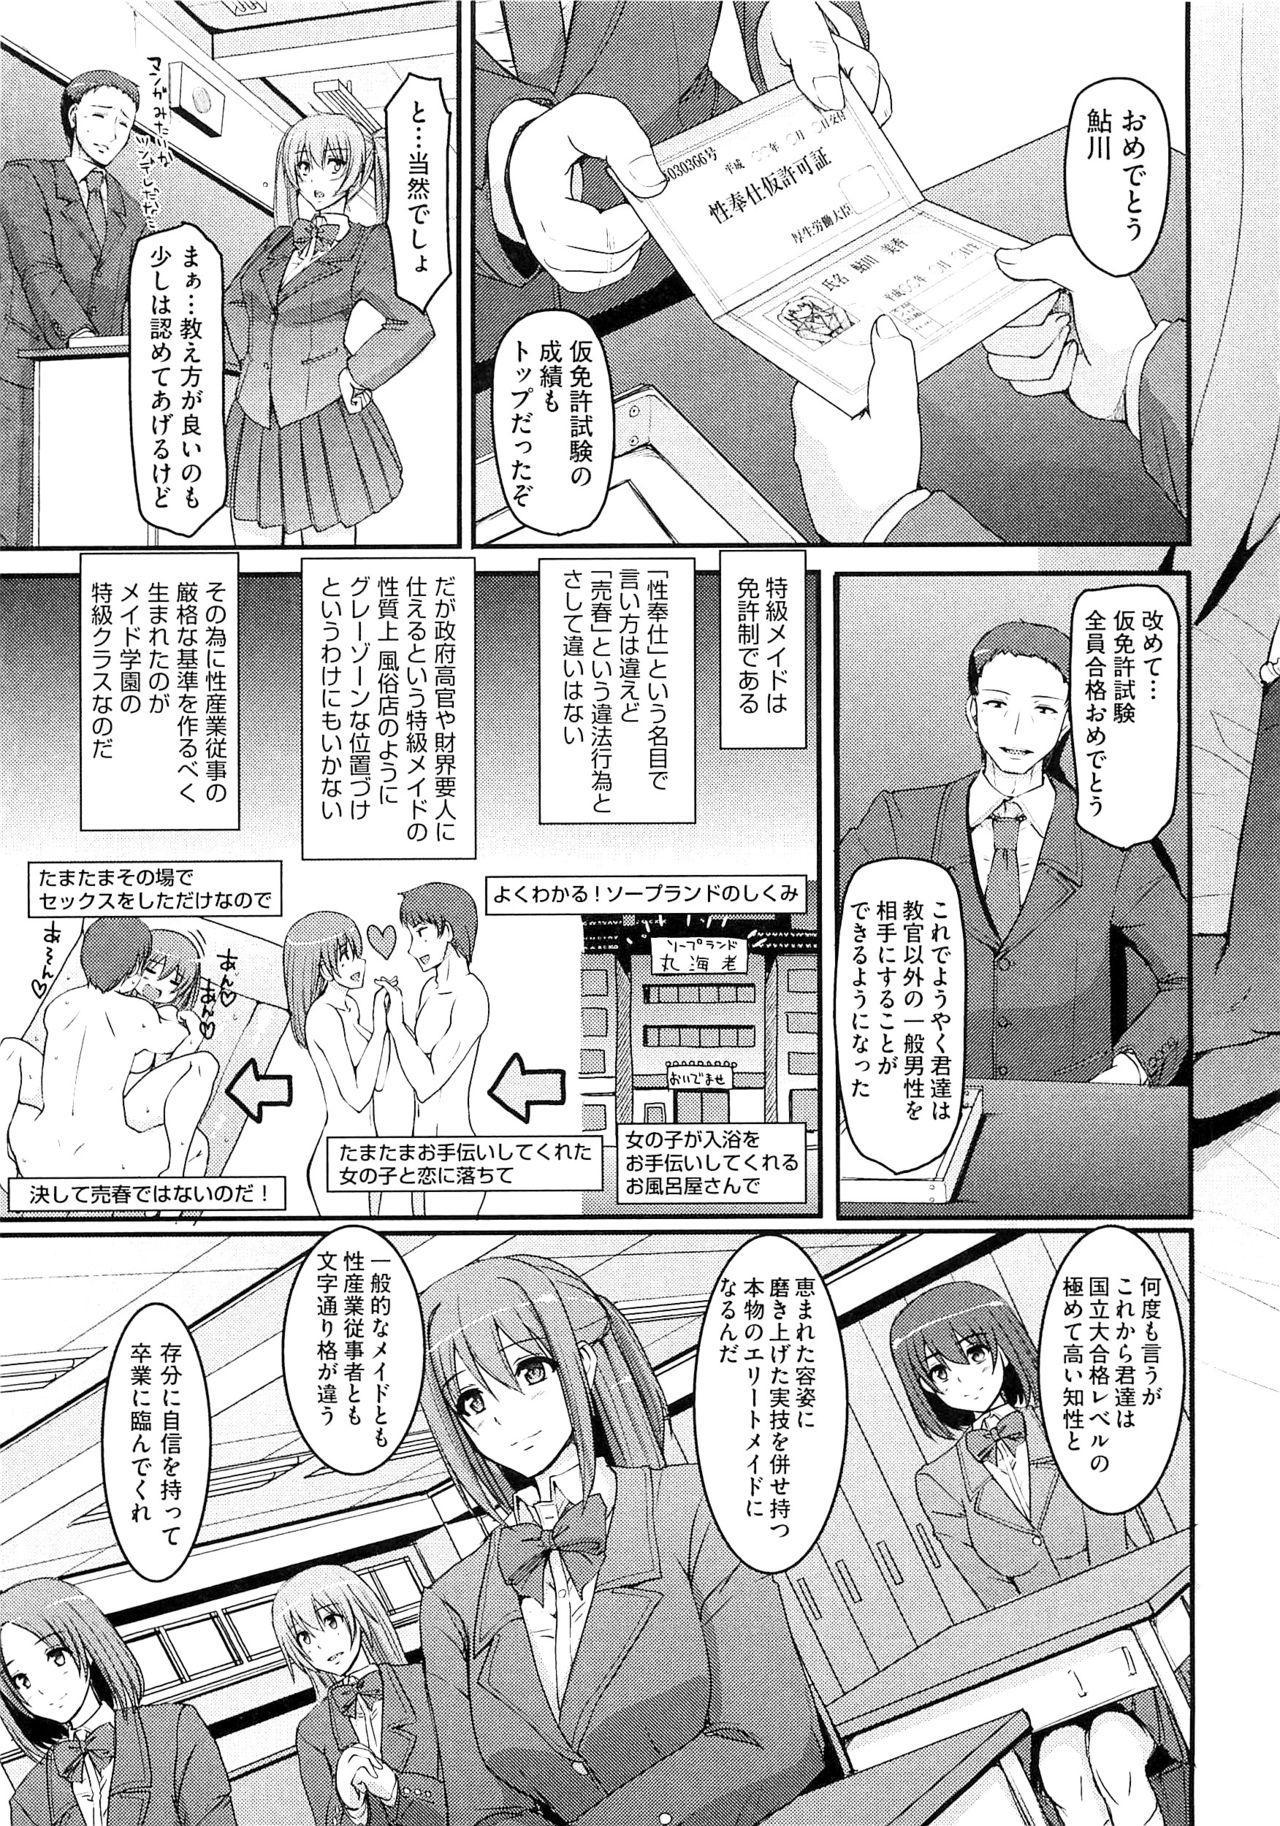 Maid Gakuen e Youkoso!! - Welcome to Maid Academy 112